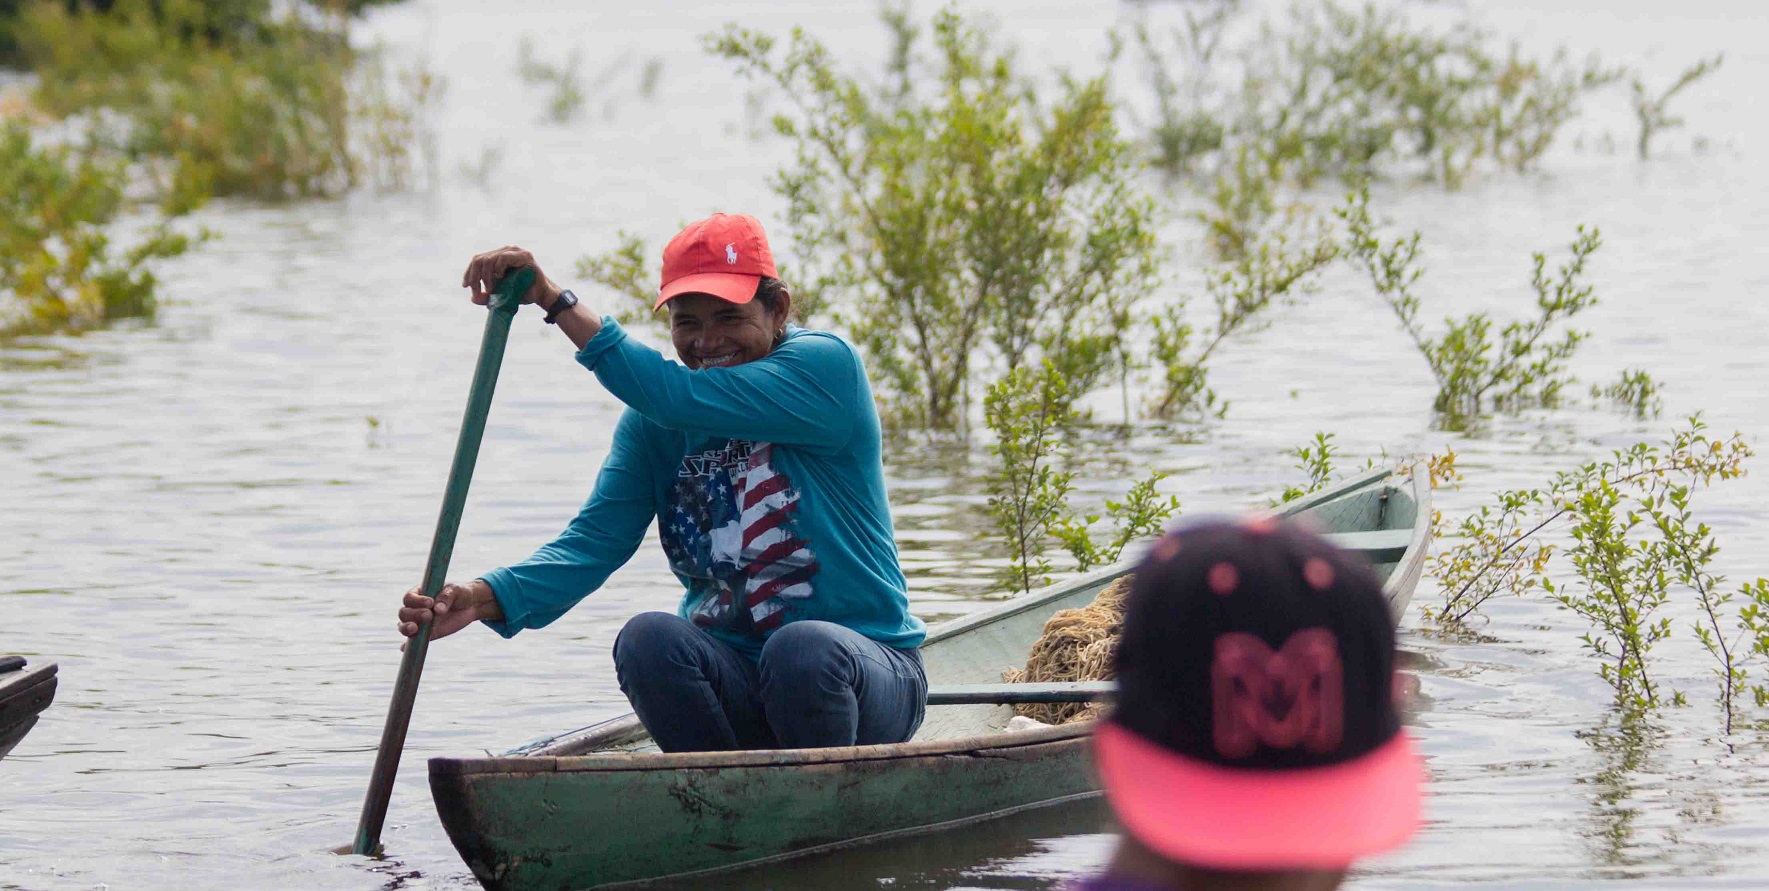 Manejo na Amazônia permite maior empoderamento de mulheres na pesca, atestam pesquisadoras